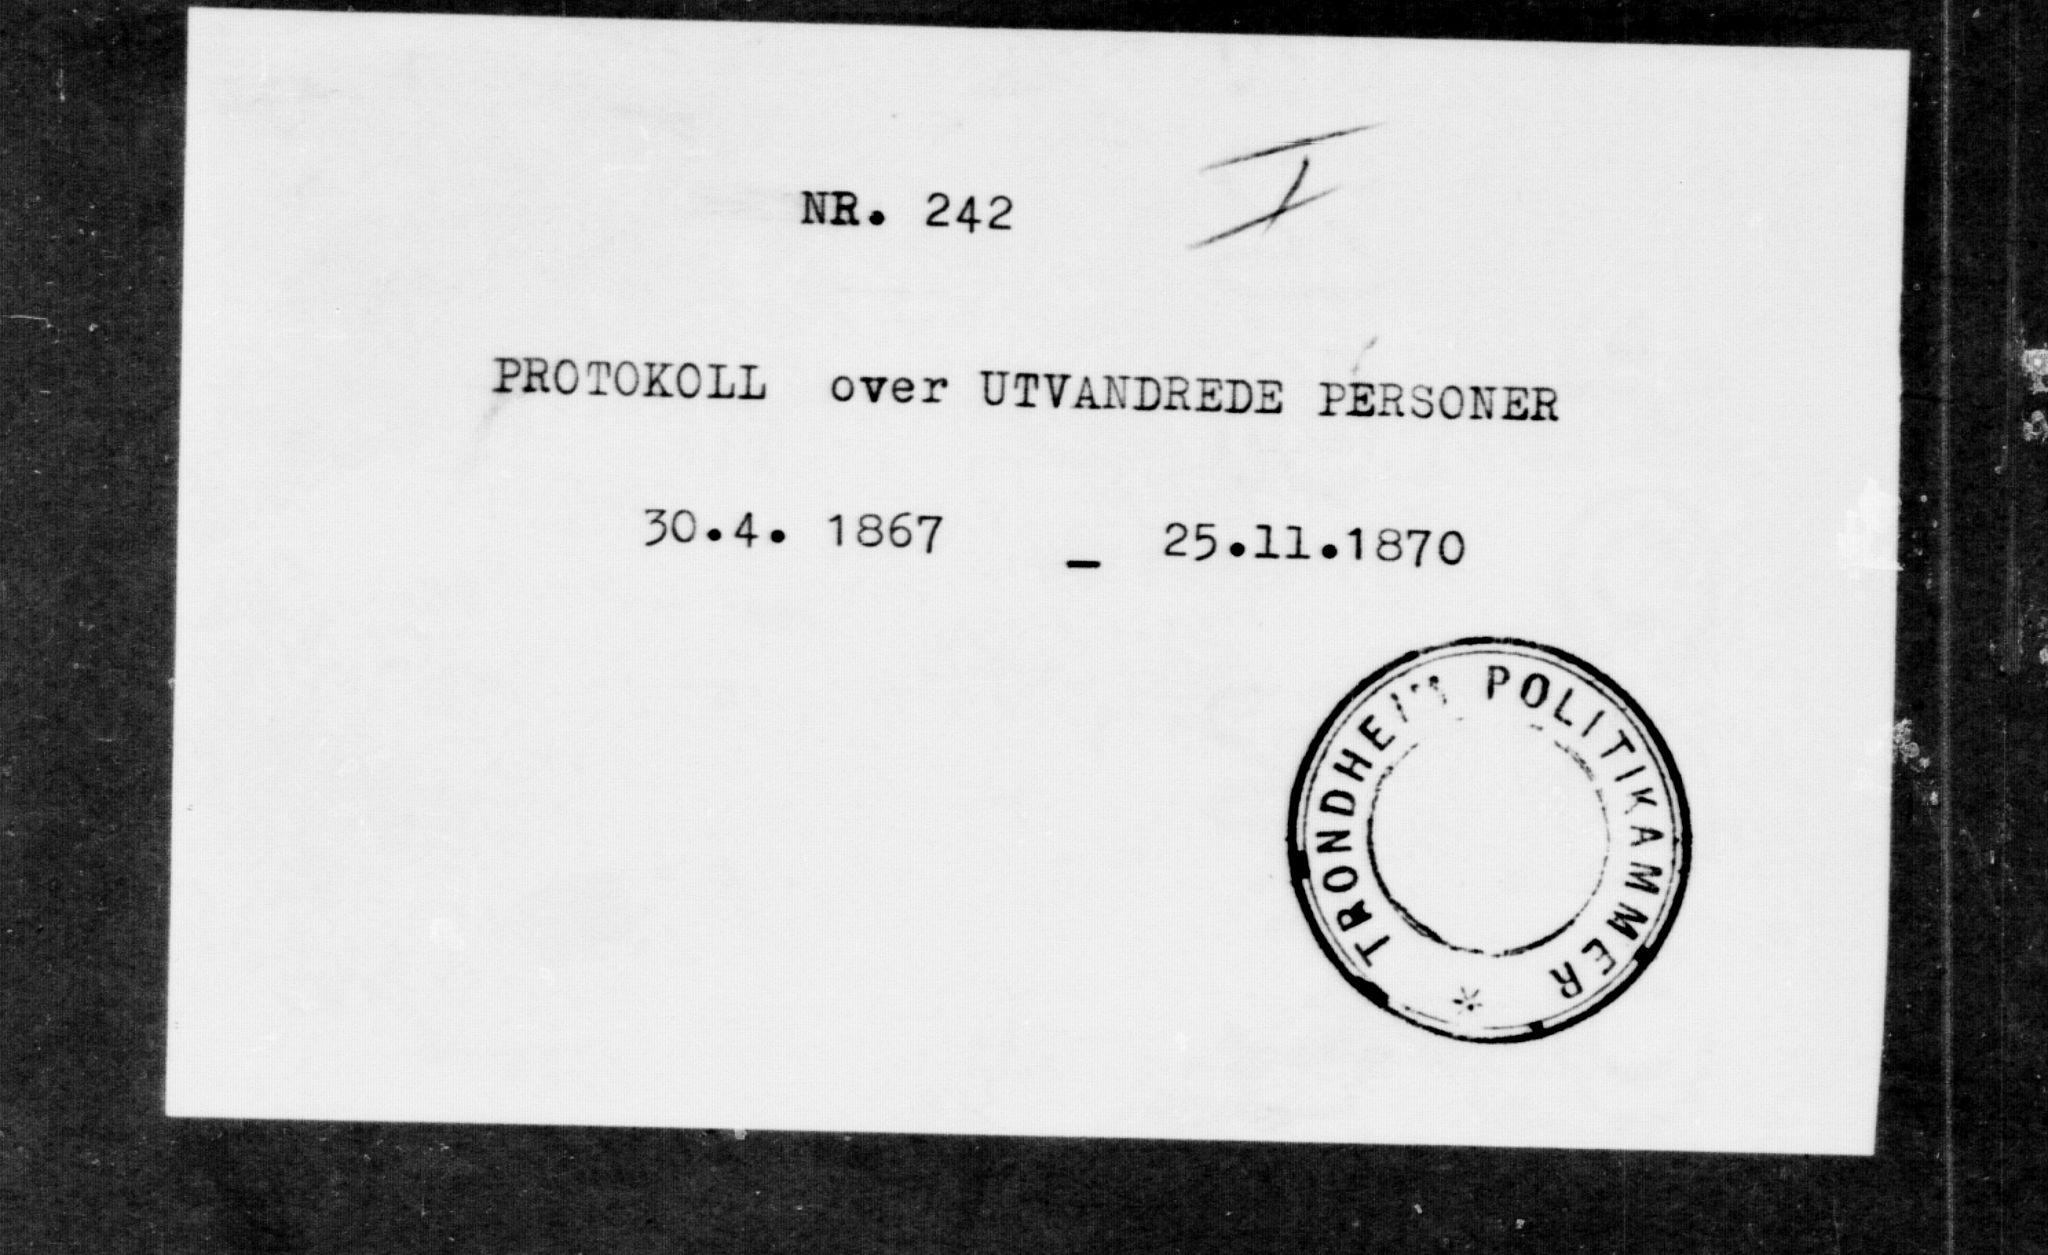 SAT, Trondheim politikammer, 32/L0001: Emigrantprotokoll I, 1867-1870